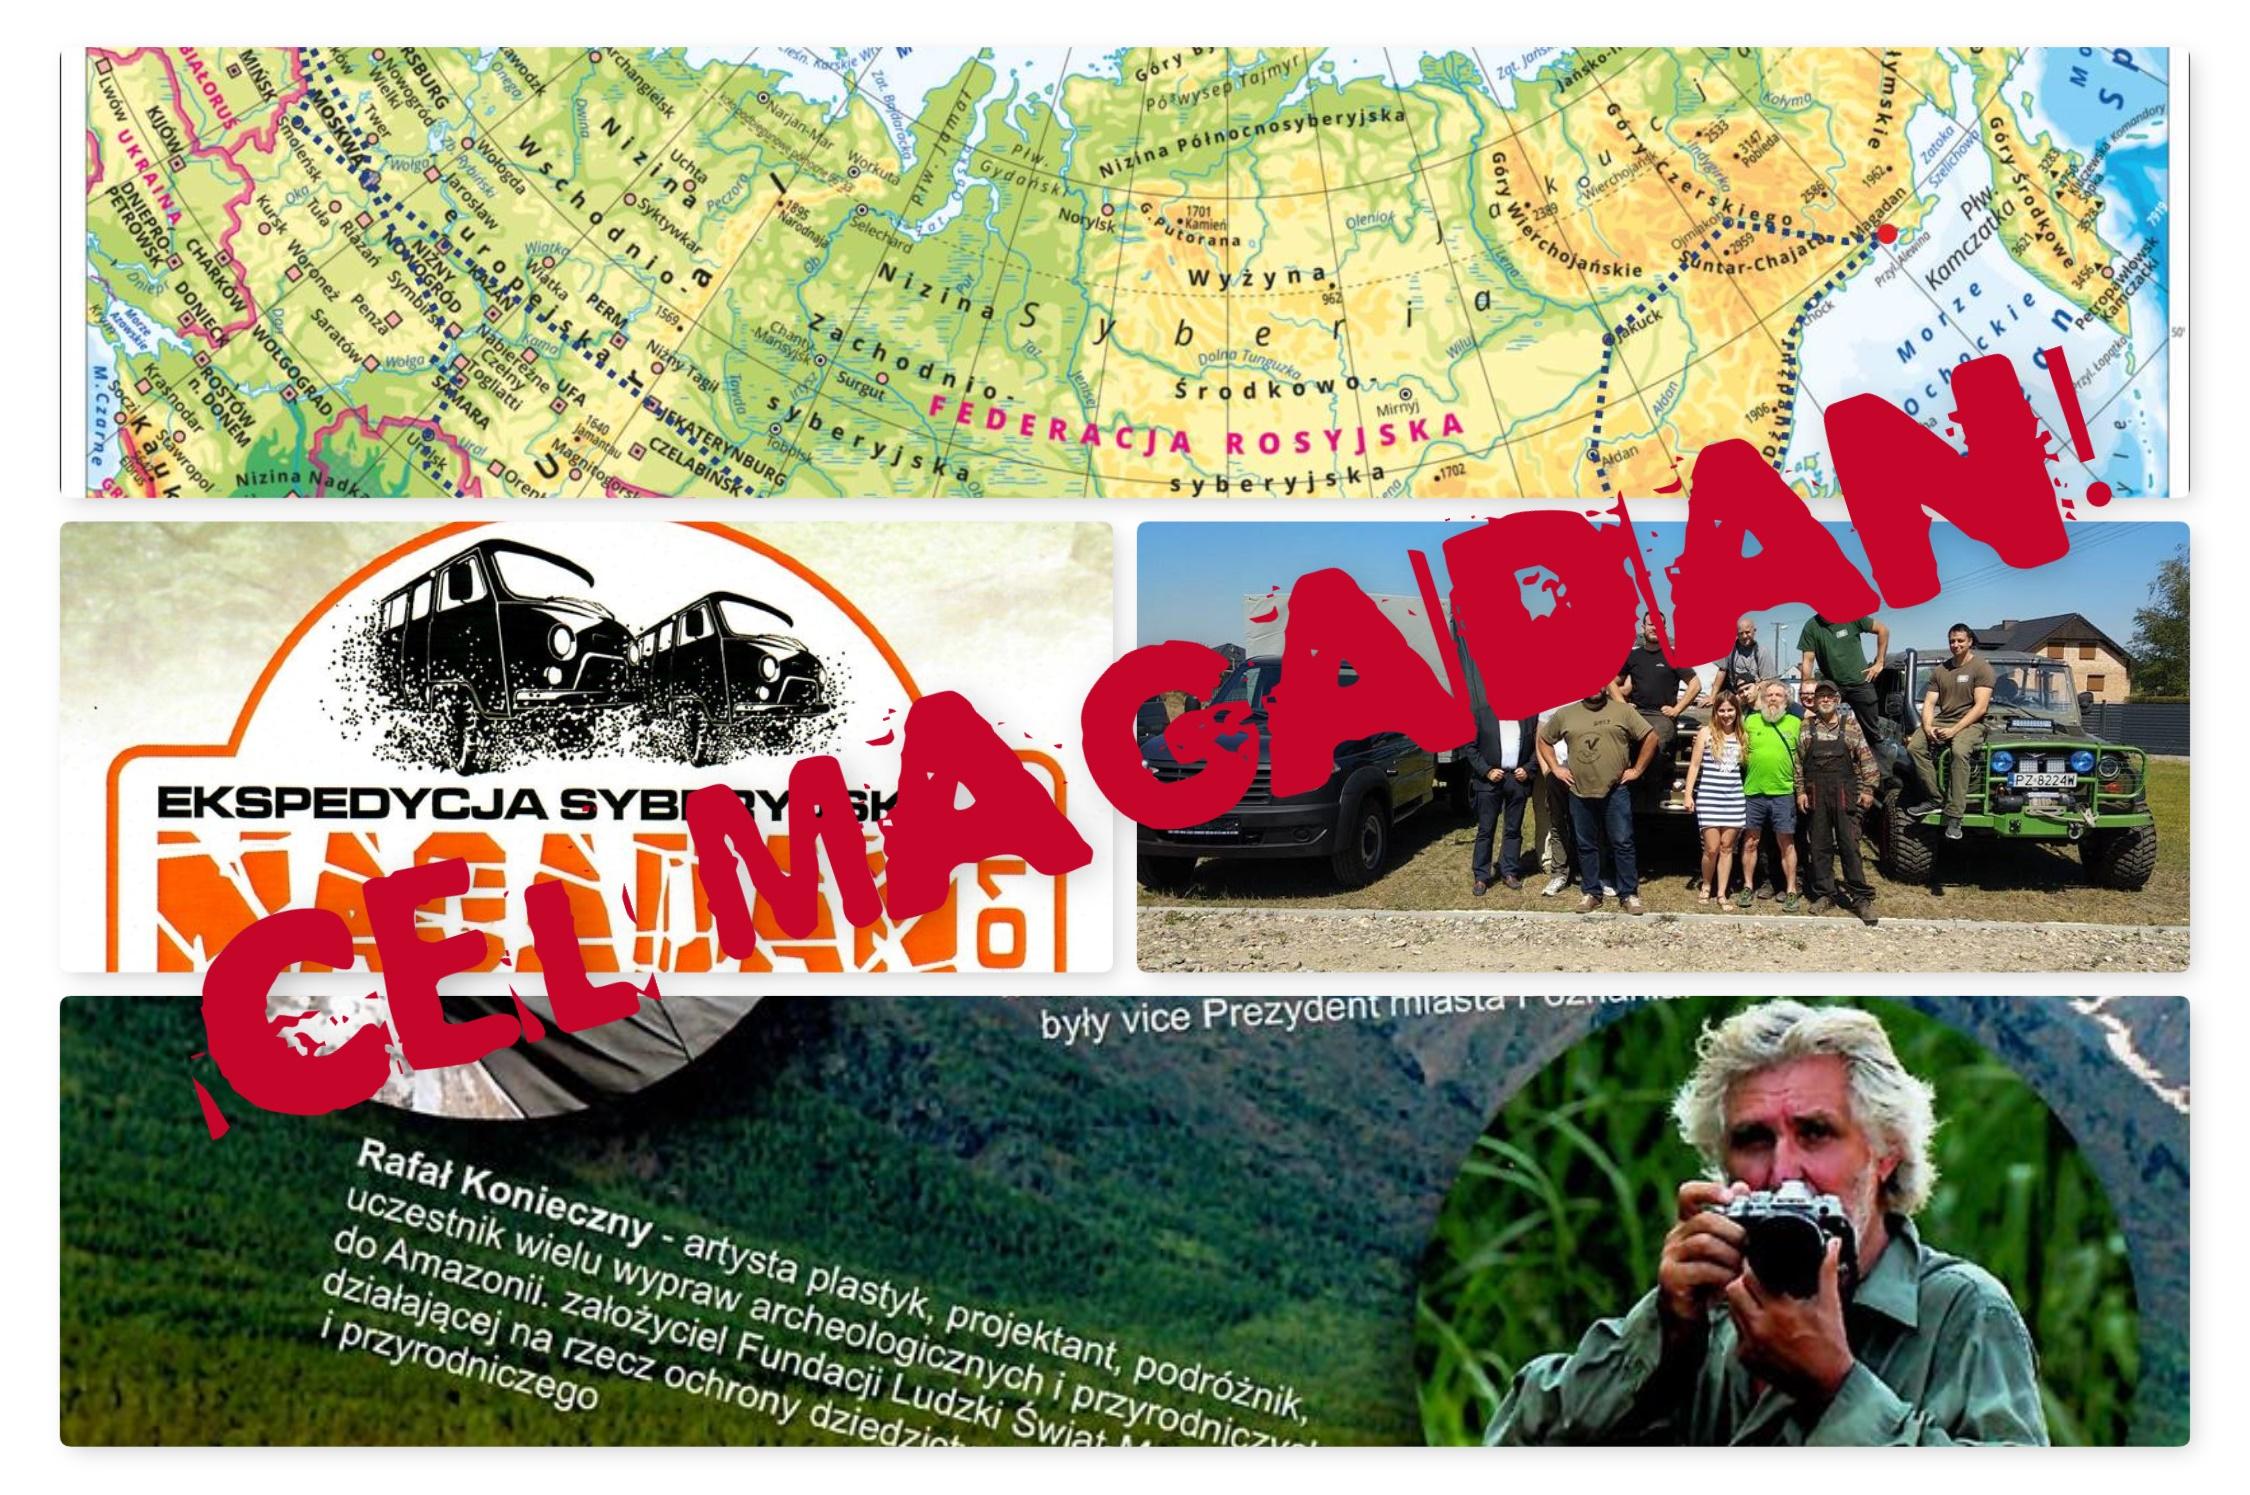 Przyjaciel naszej gminy wraz z kolegami, wyruszają do Magadanu